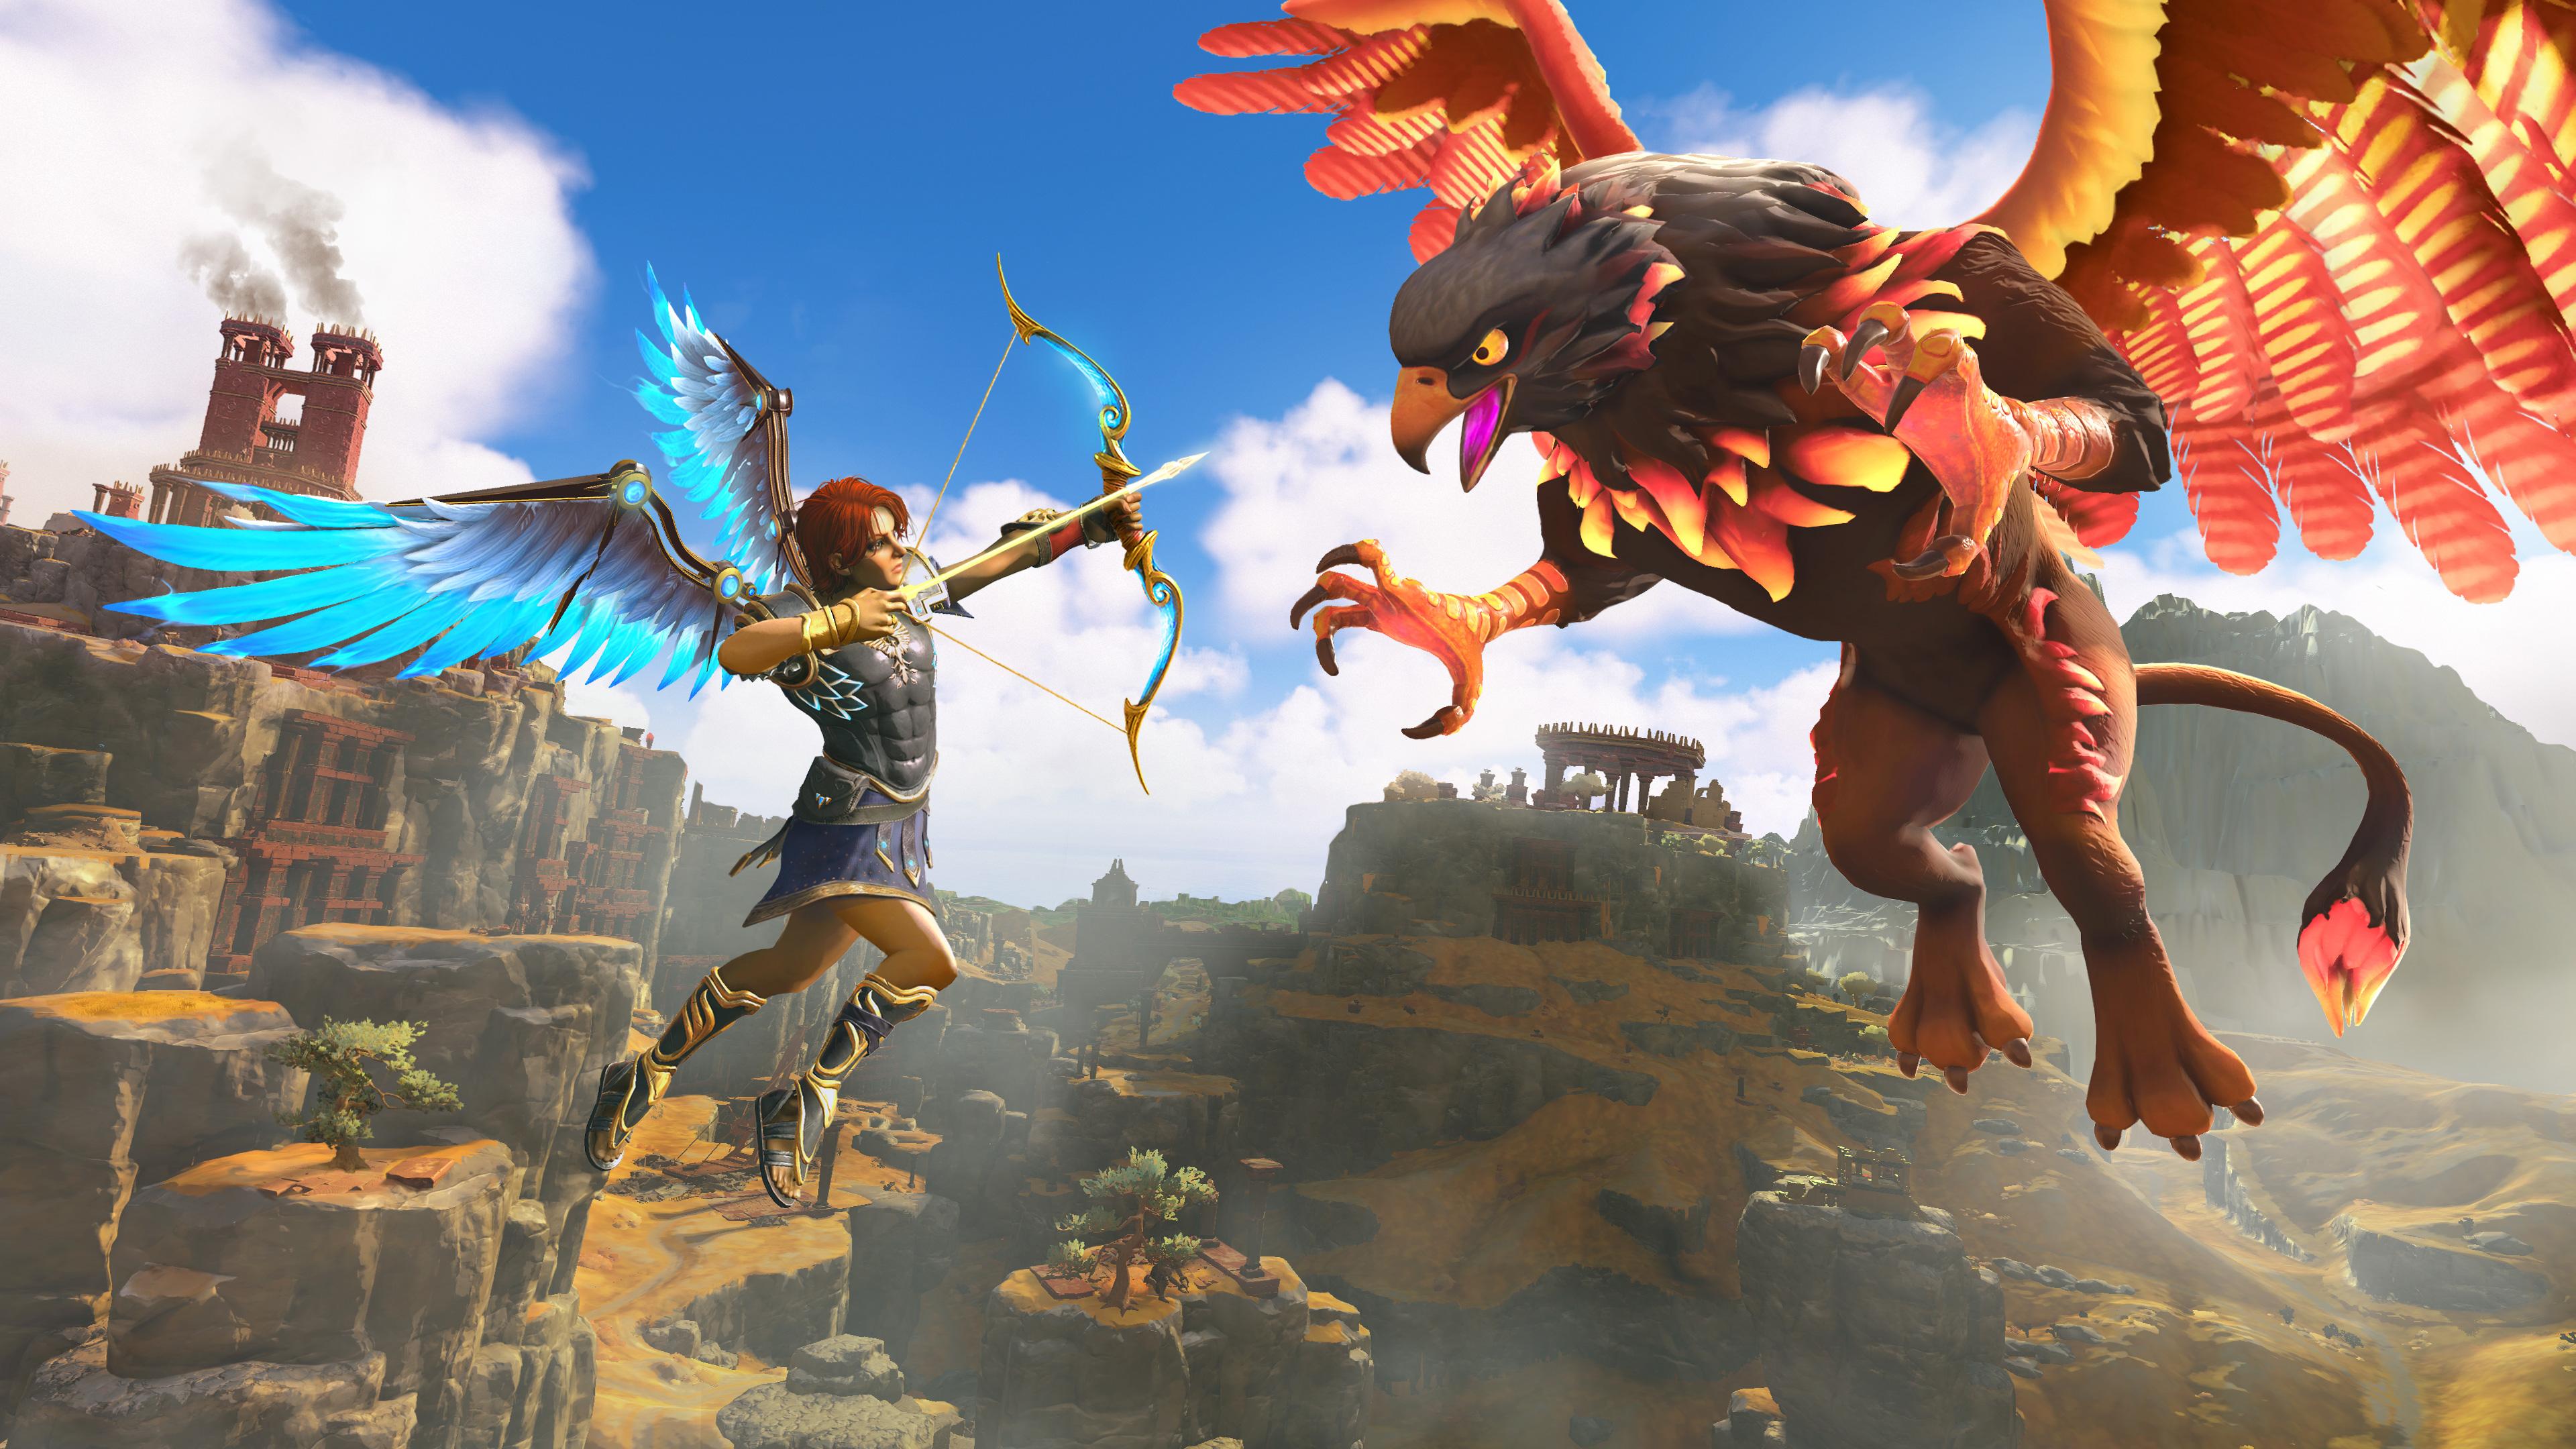 Immortals: Fenyx Rising is Ubisoft's Zelda: Breath of the wild | VentureBeat